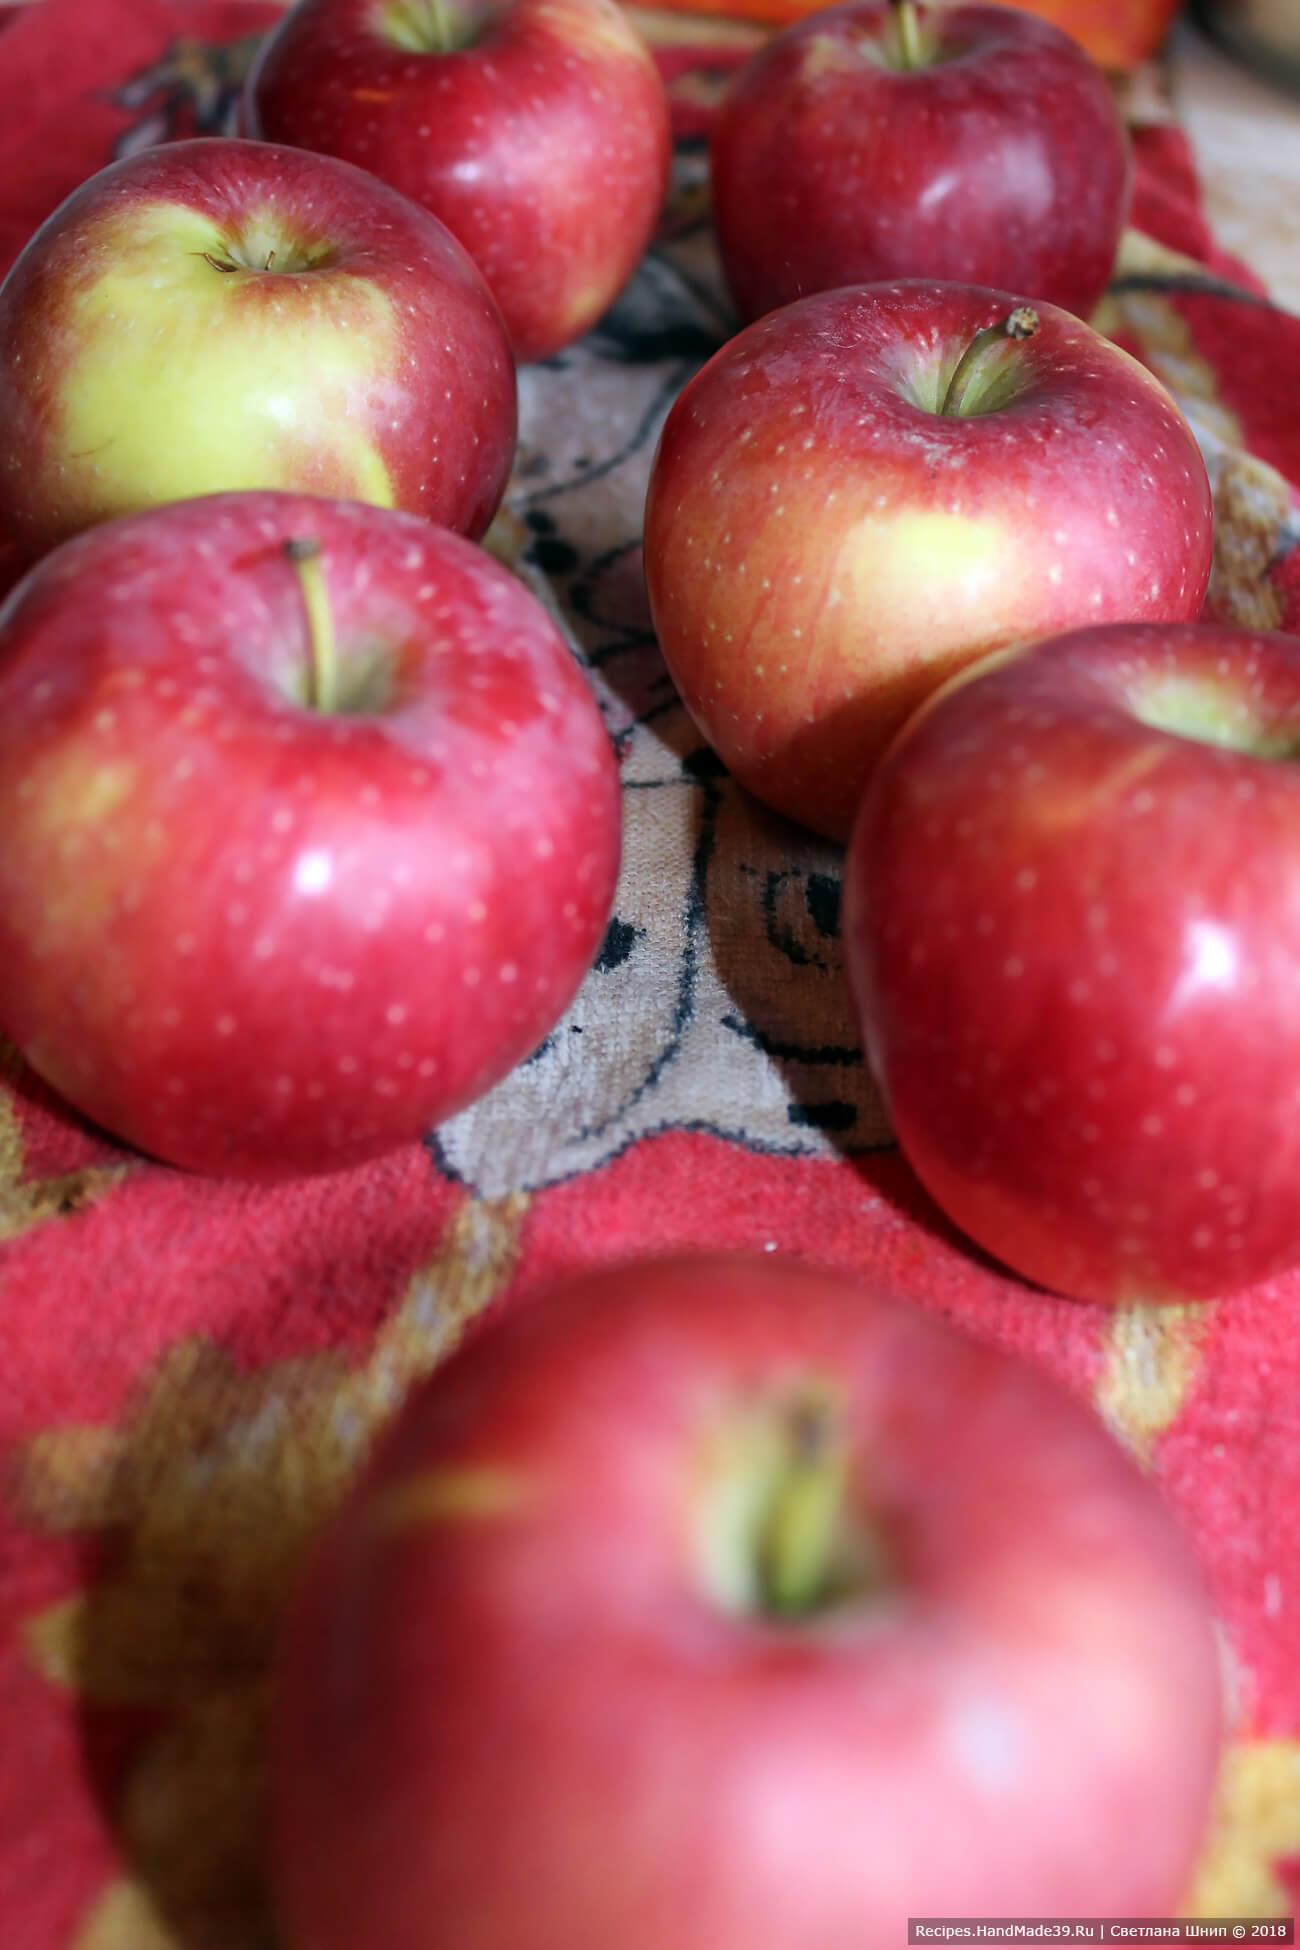 Яблоки могут быть красные, зелёные, жёлтые, обязательно без изъянов, гнили, вмятин